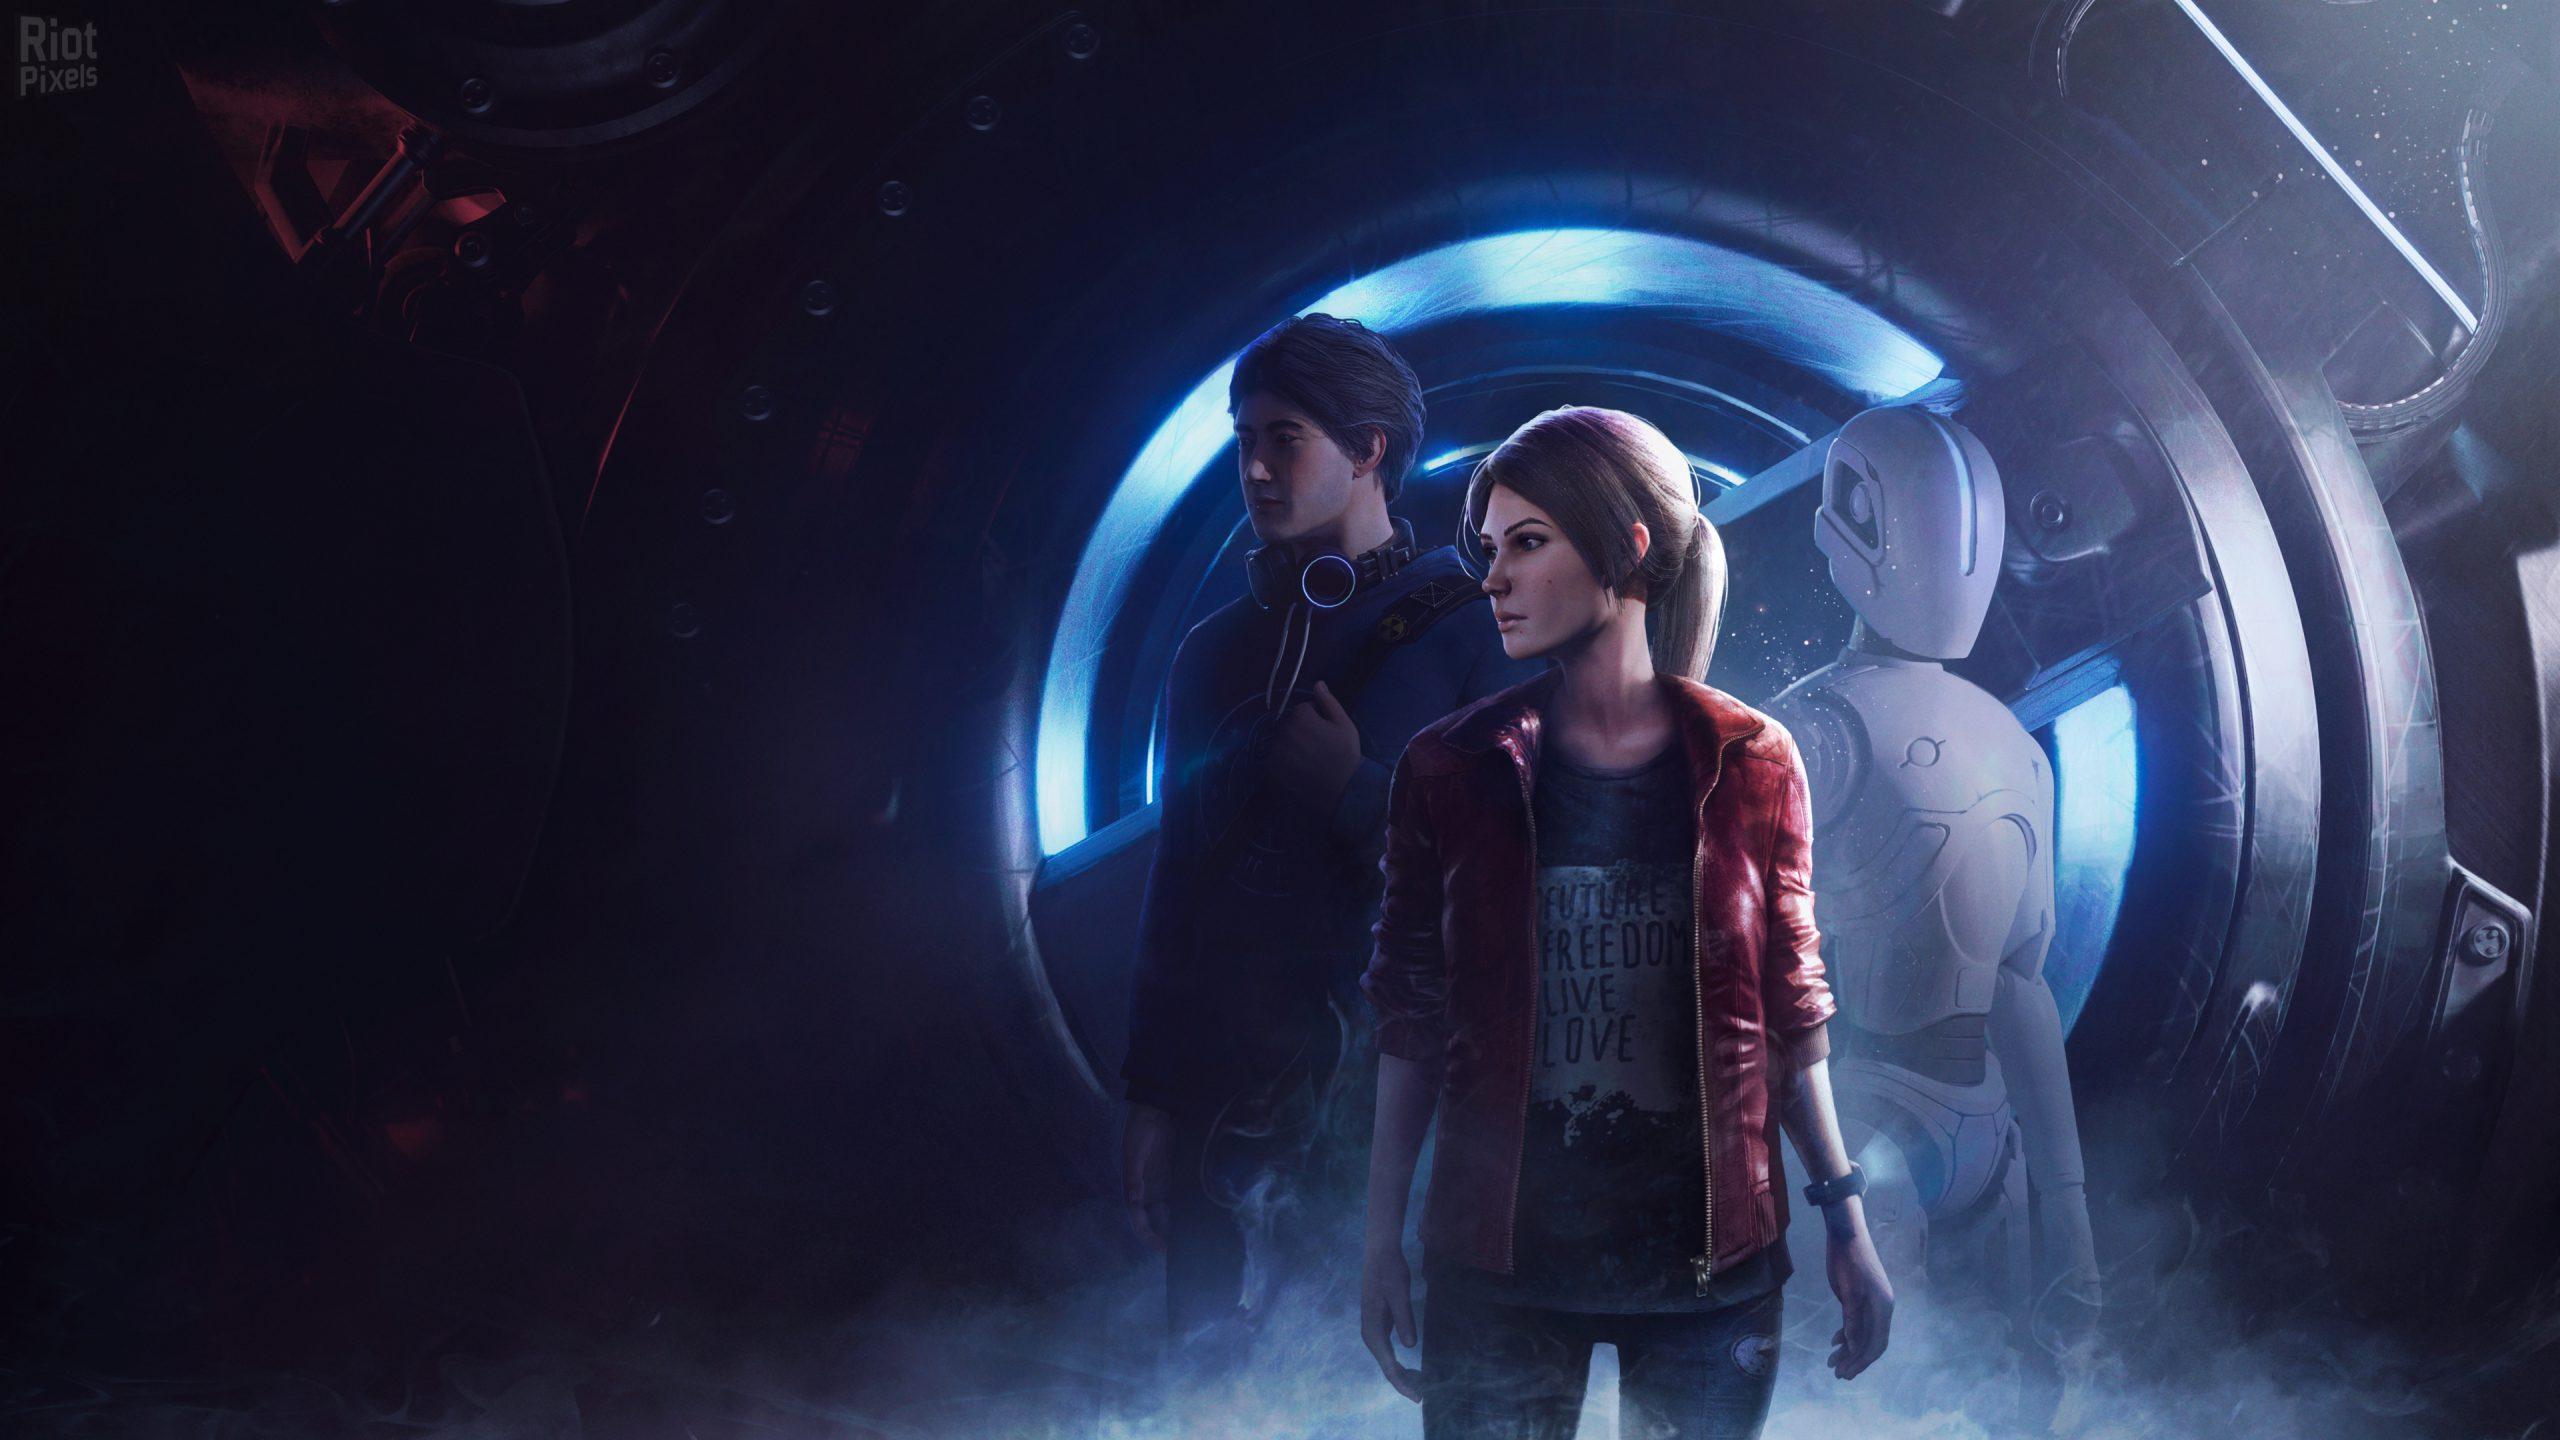 The Uncertain: Light at the End перенесли на 2021 год